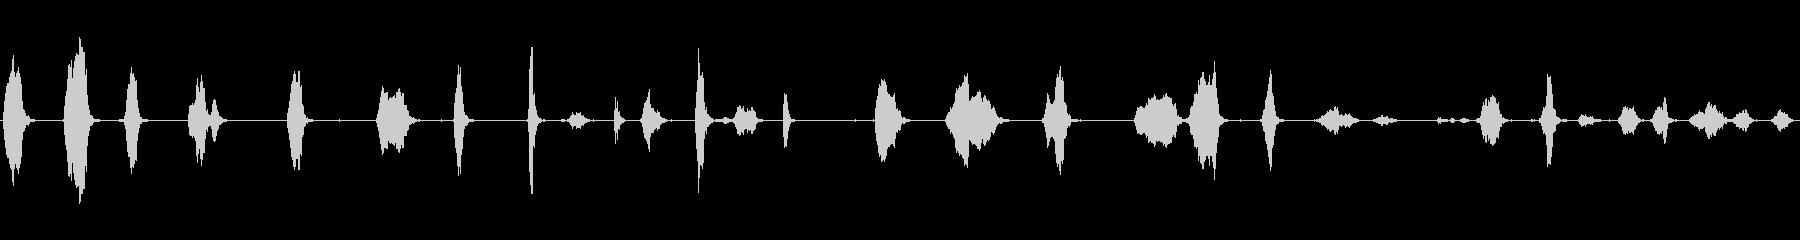 男性:苦しみの声の未再生の波形